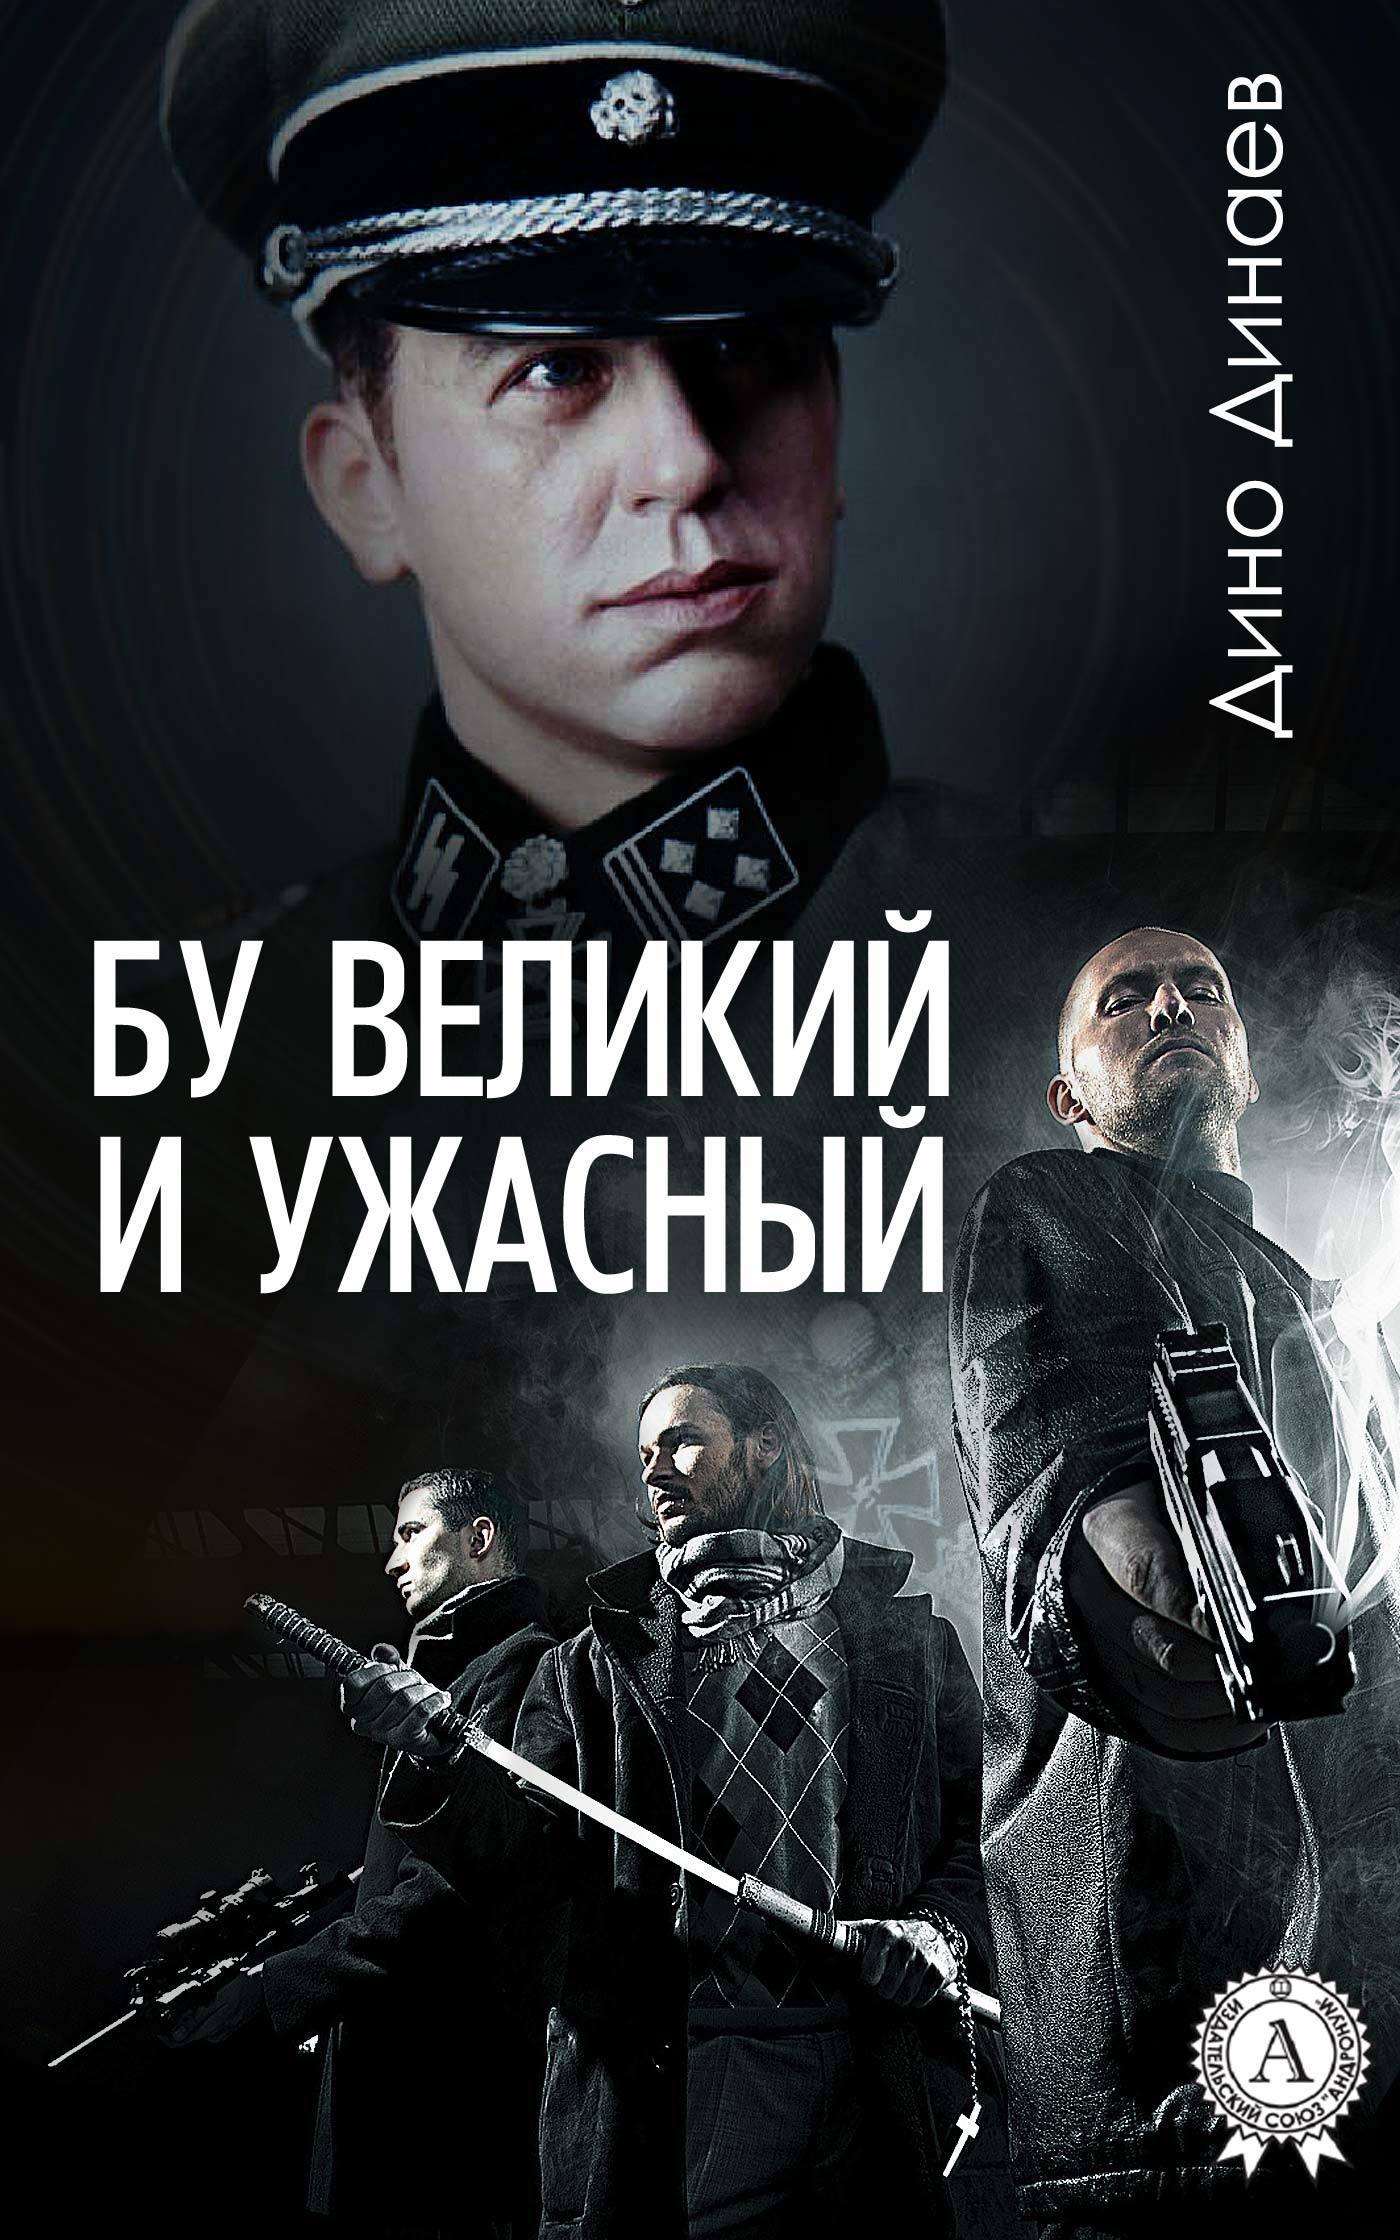 Дино Динаев Бу великий и ужасный